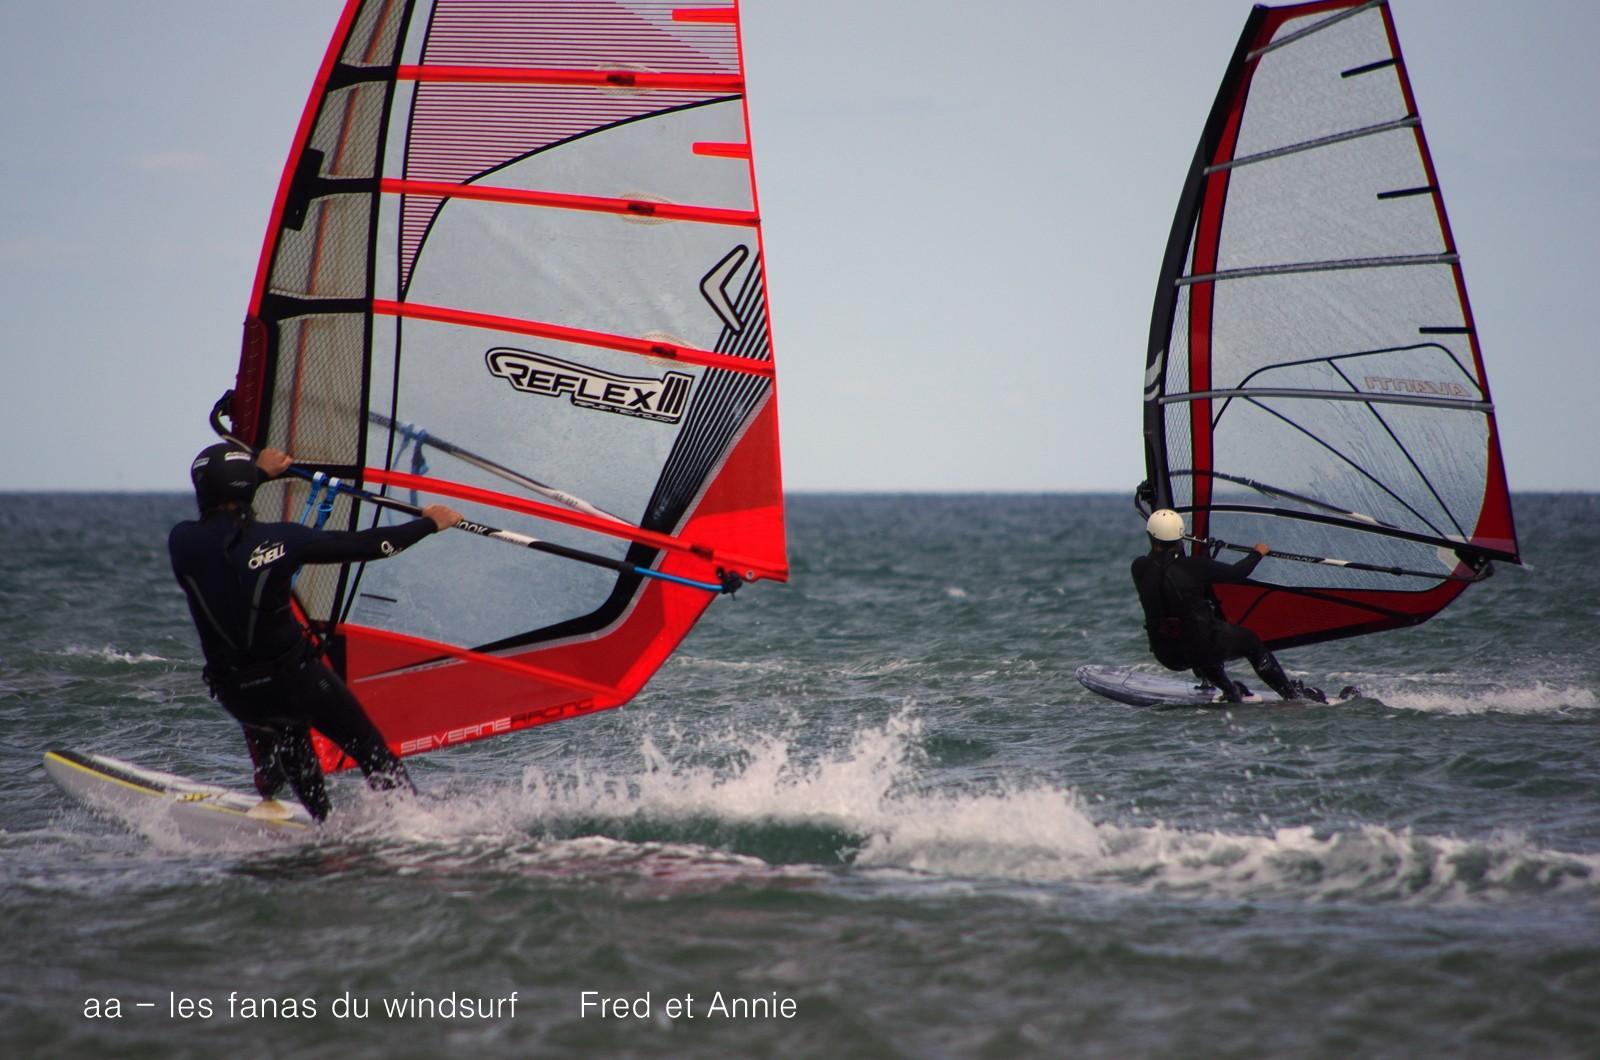 Surf report port la nouvelle 11 du 2015 09 05 12 00 00 - Meteo port la nouvelle ...